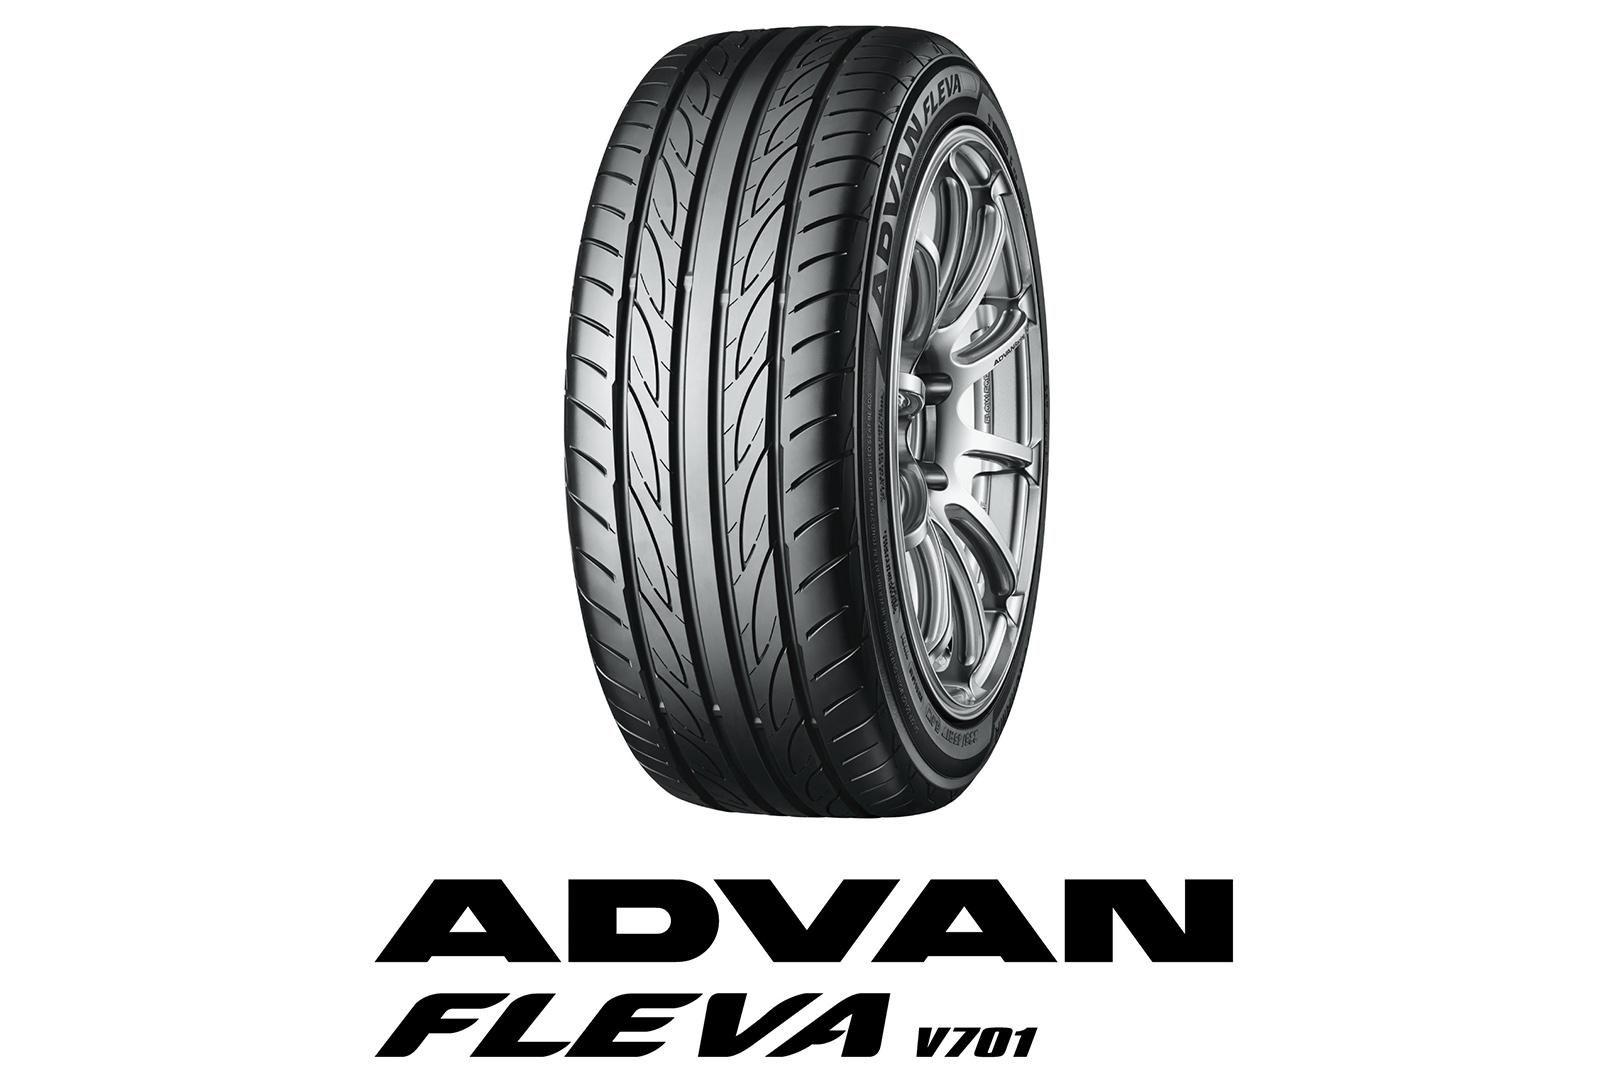 Yokohama добавила в линейку Advan Fleva V701 15 дополнительных типоразмеров